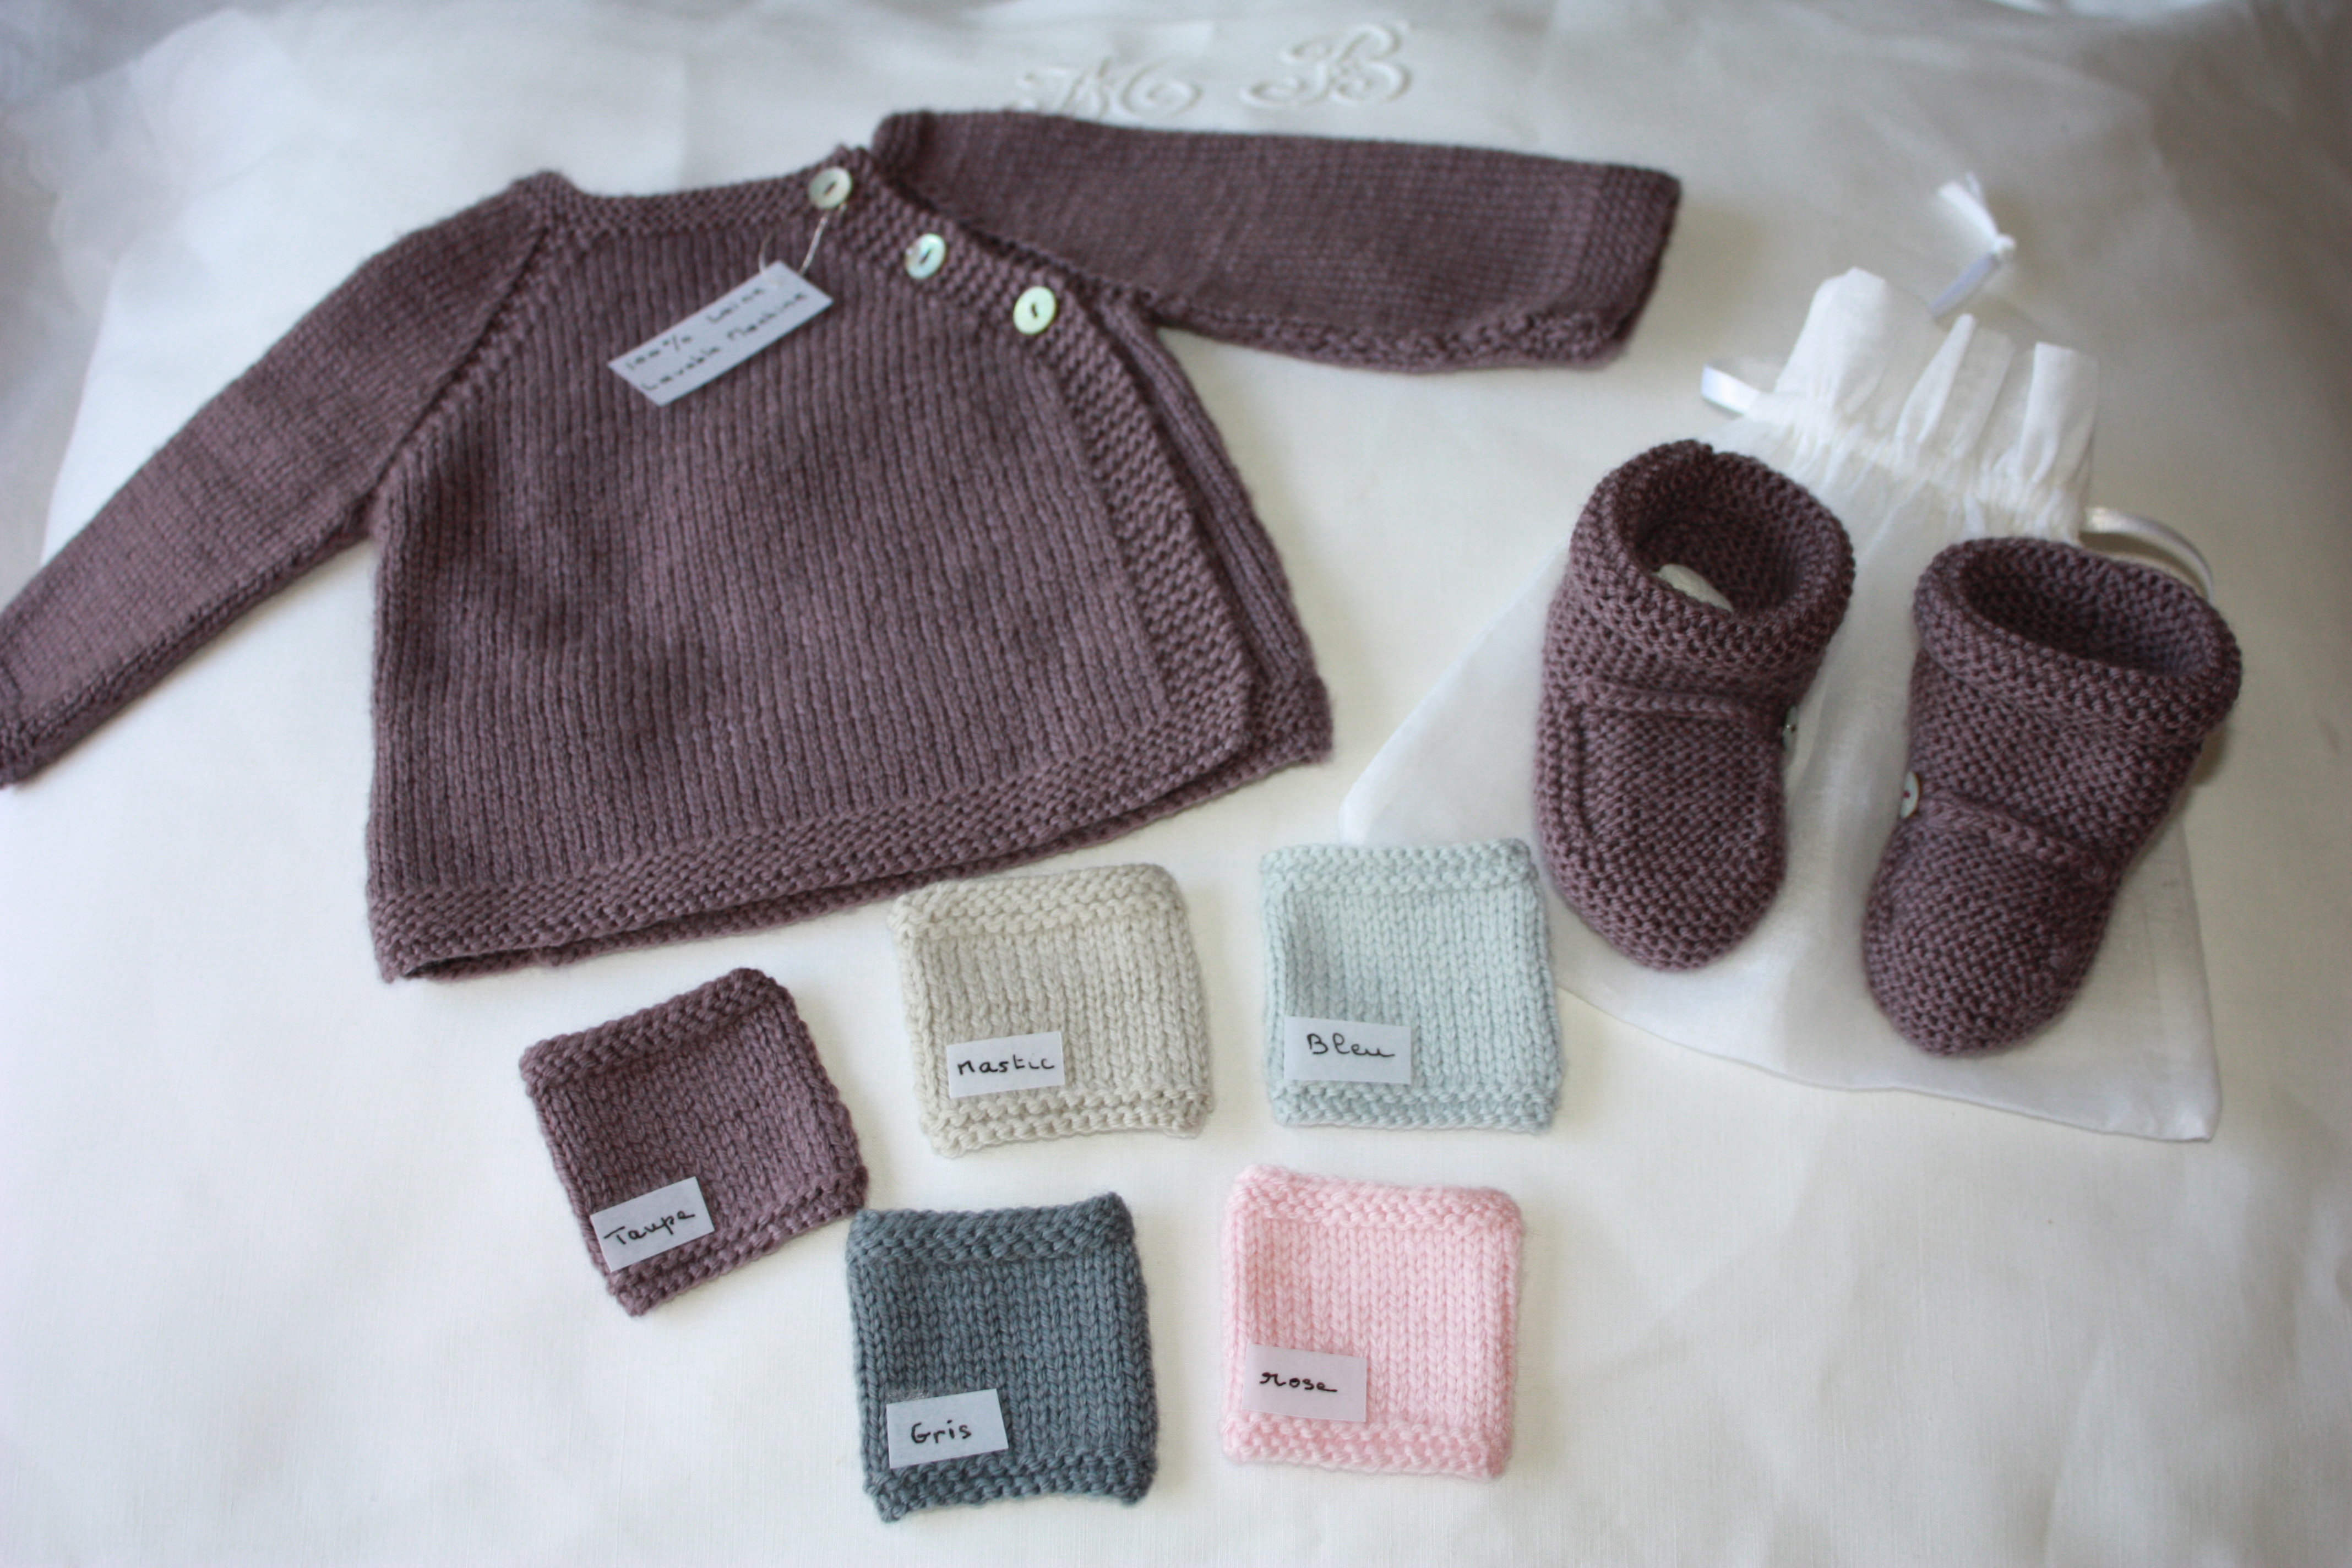 Brassière laine bébé naissance   Travauxchezvous 36661133f4a